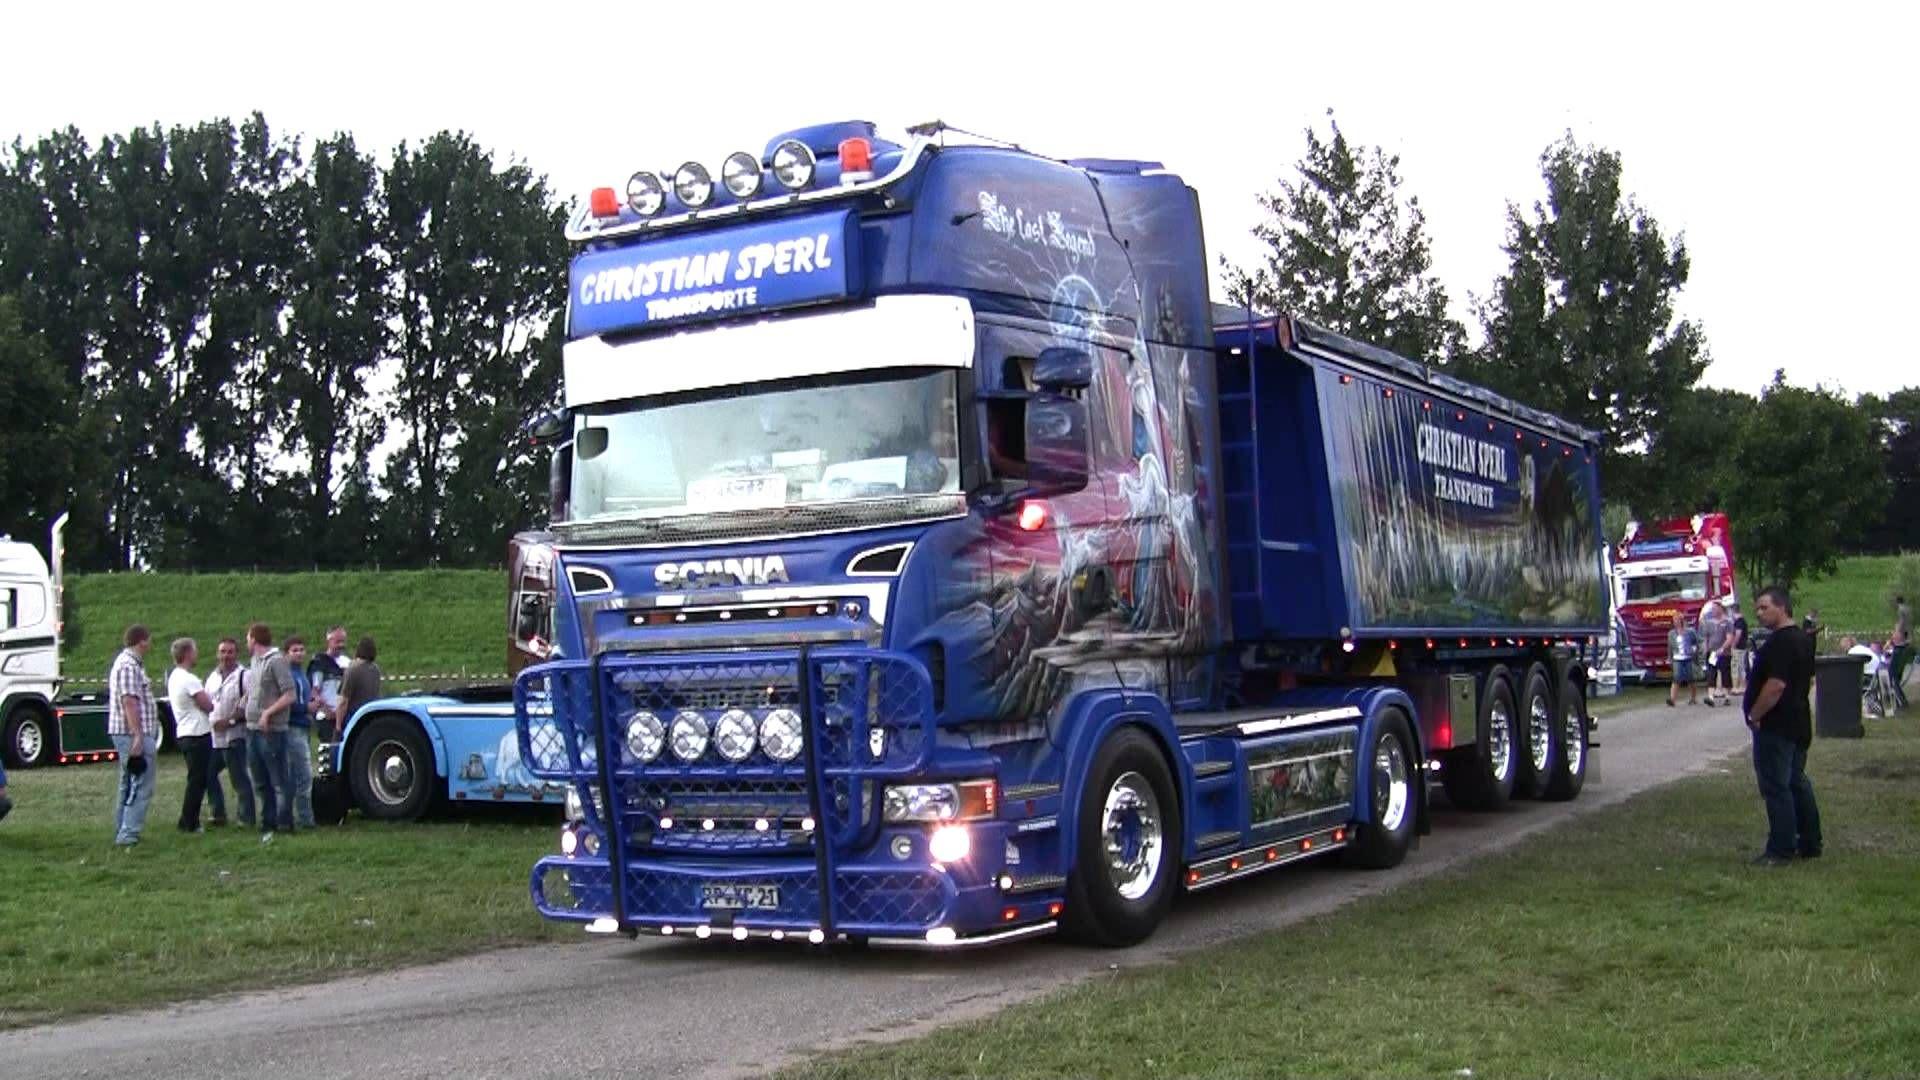 Christian Sperl scania v8 - NogHarder lopik 2012 - YouTube | Scania